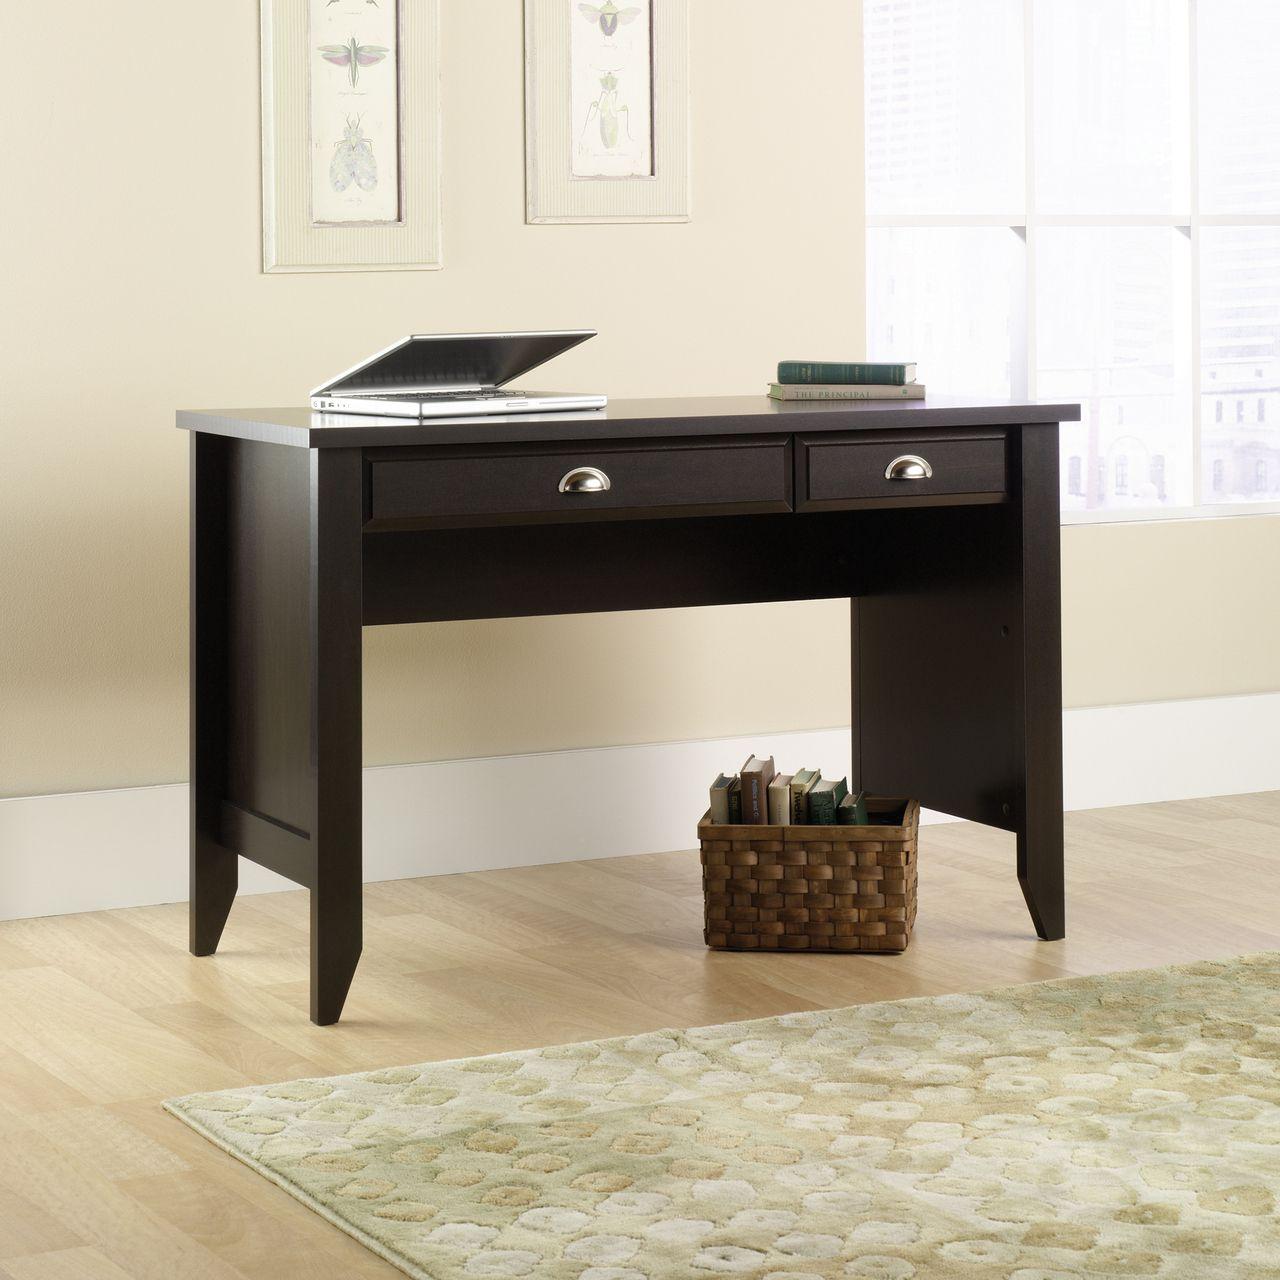 Sauder Shoal Creek Desk in Jamocha Wood Finish (25SD